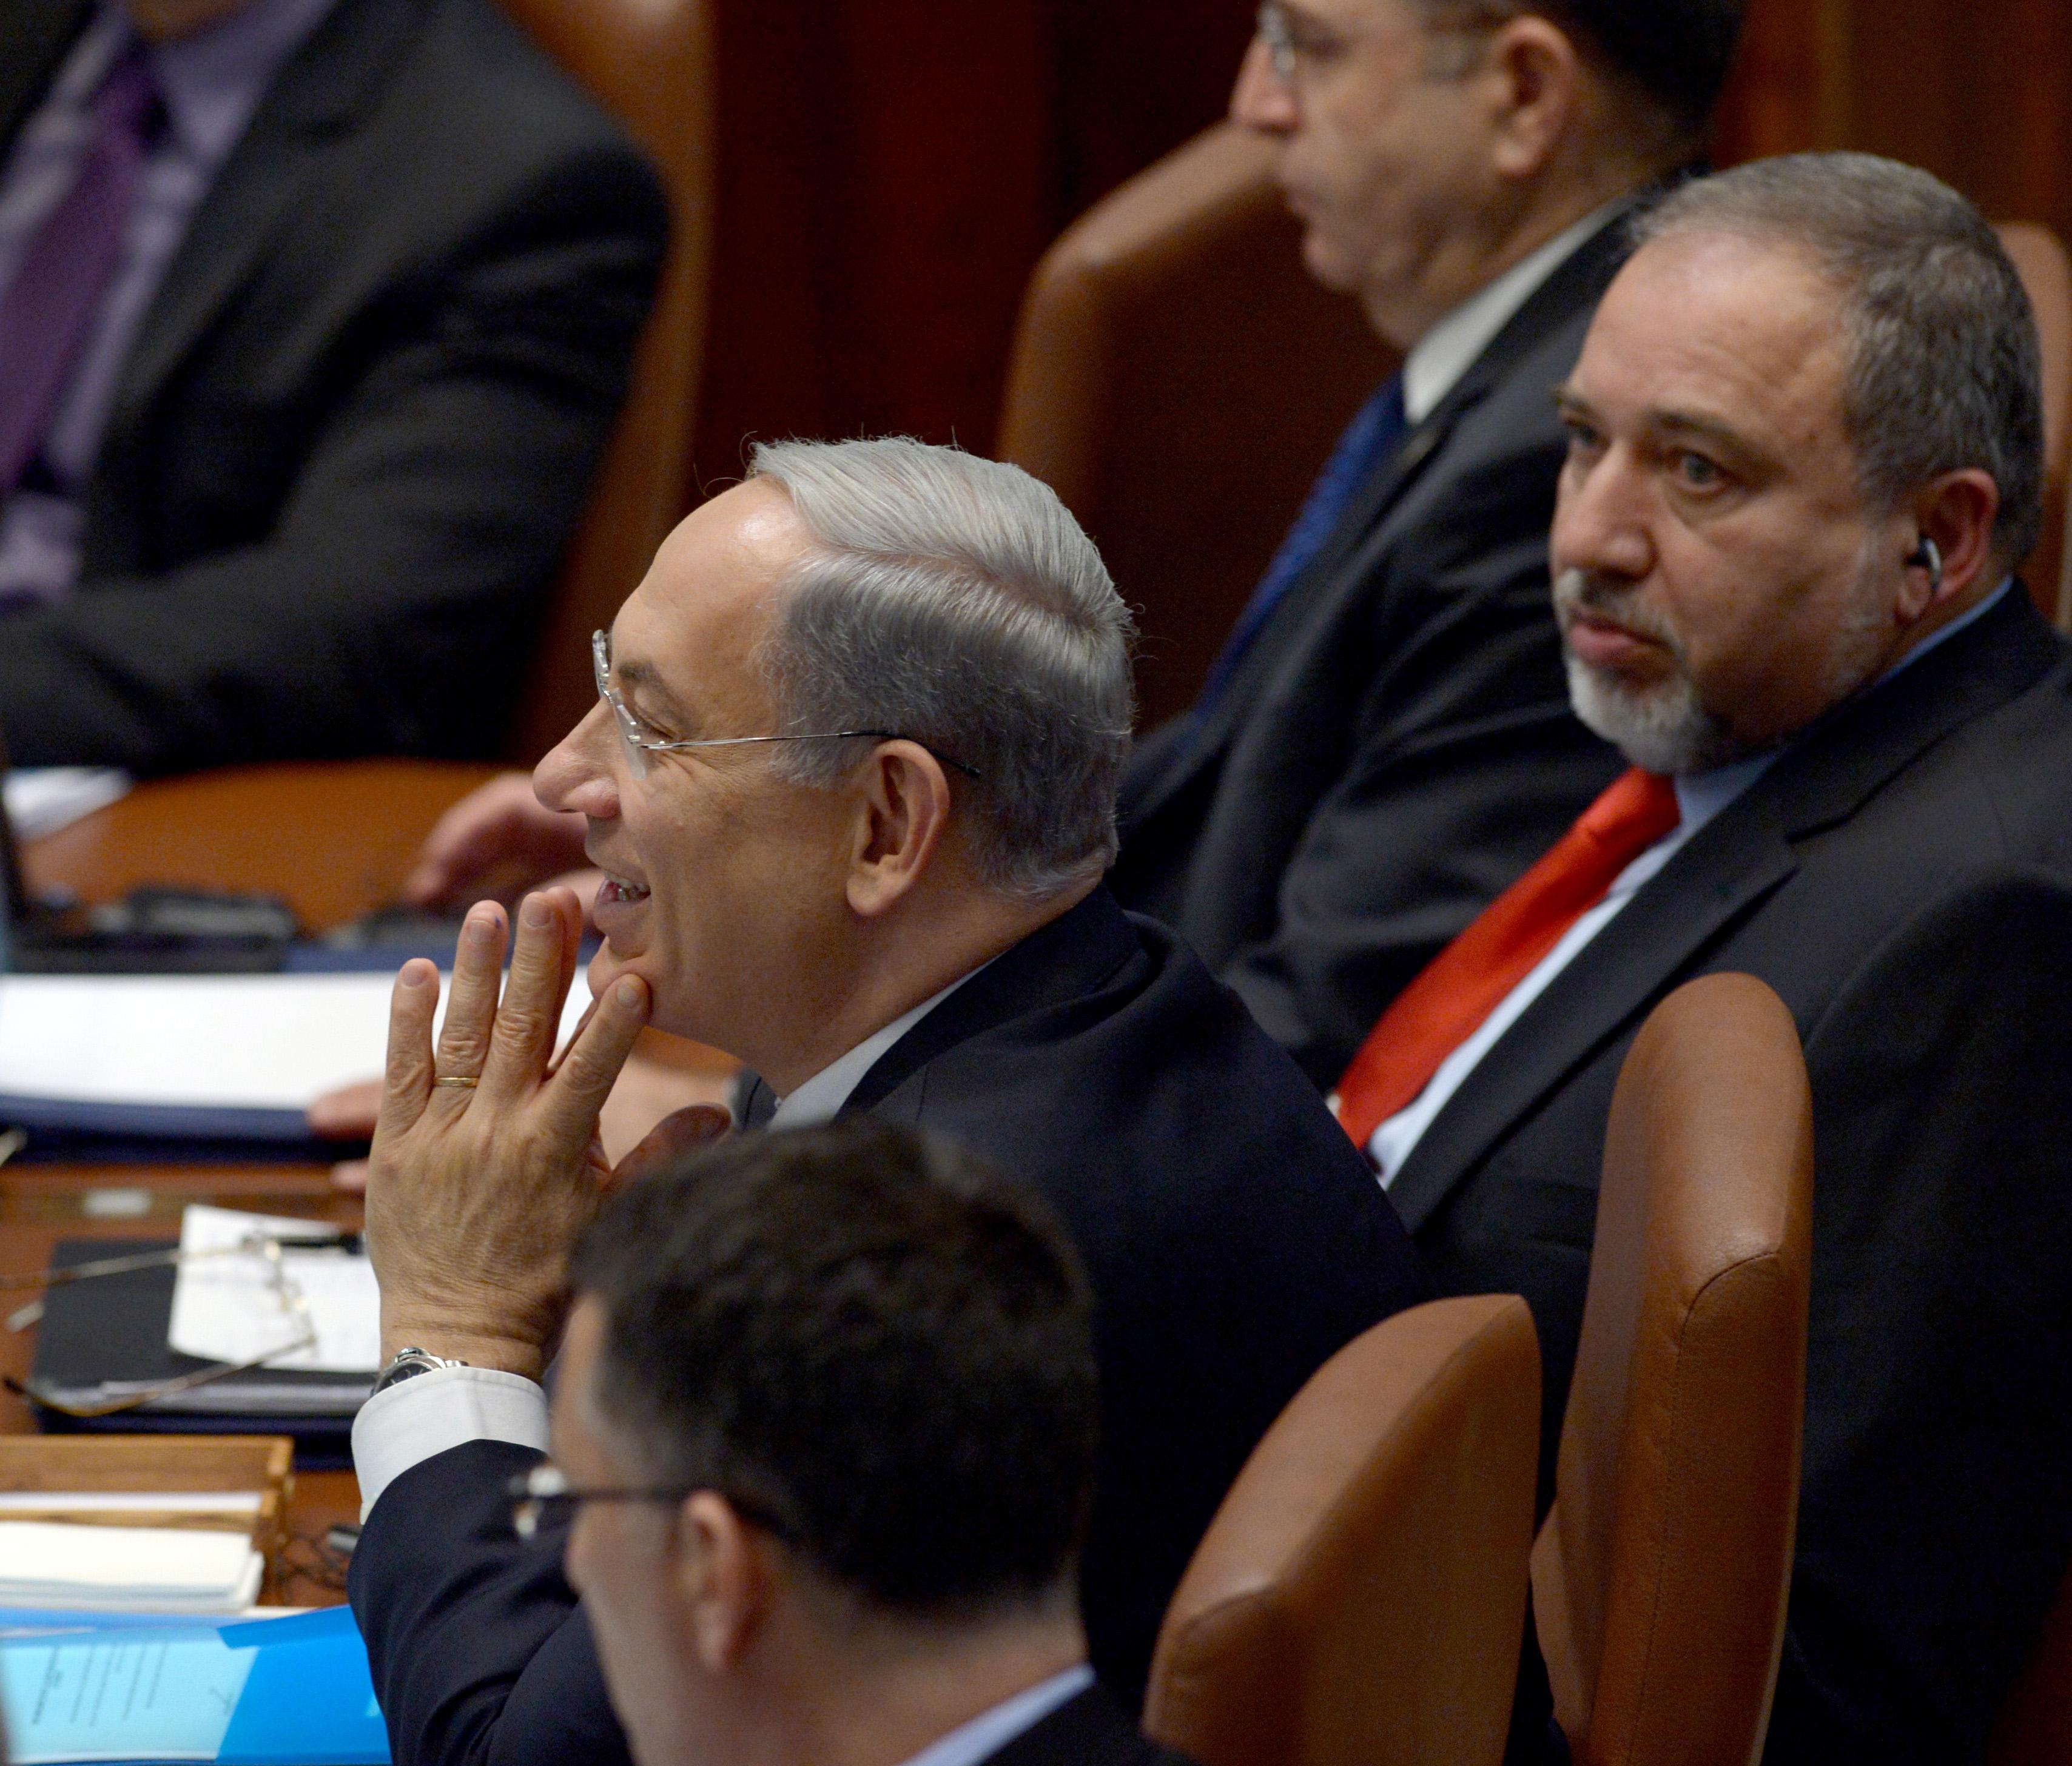 El ministro de Defensa, Avigdor Liberman, renuncia a su cargo tras el cese al fuego con Hamás